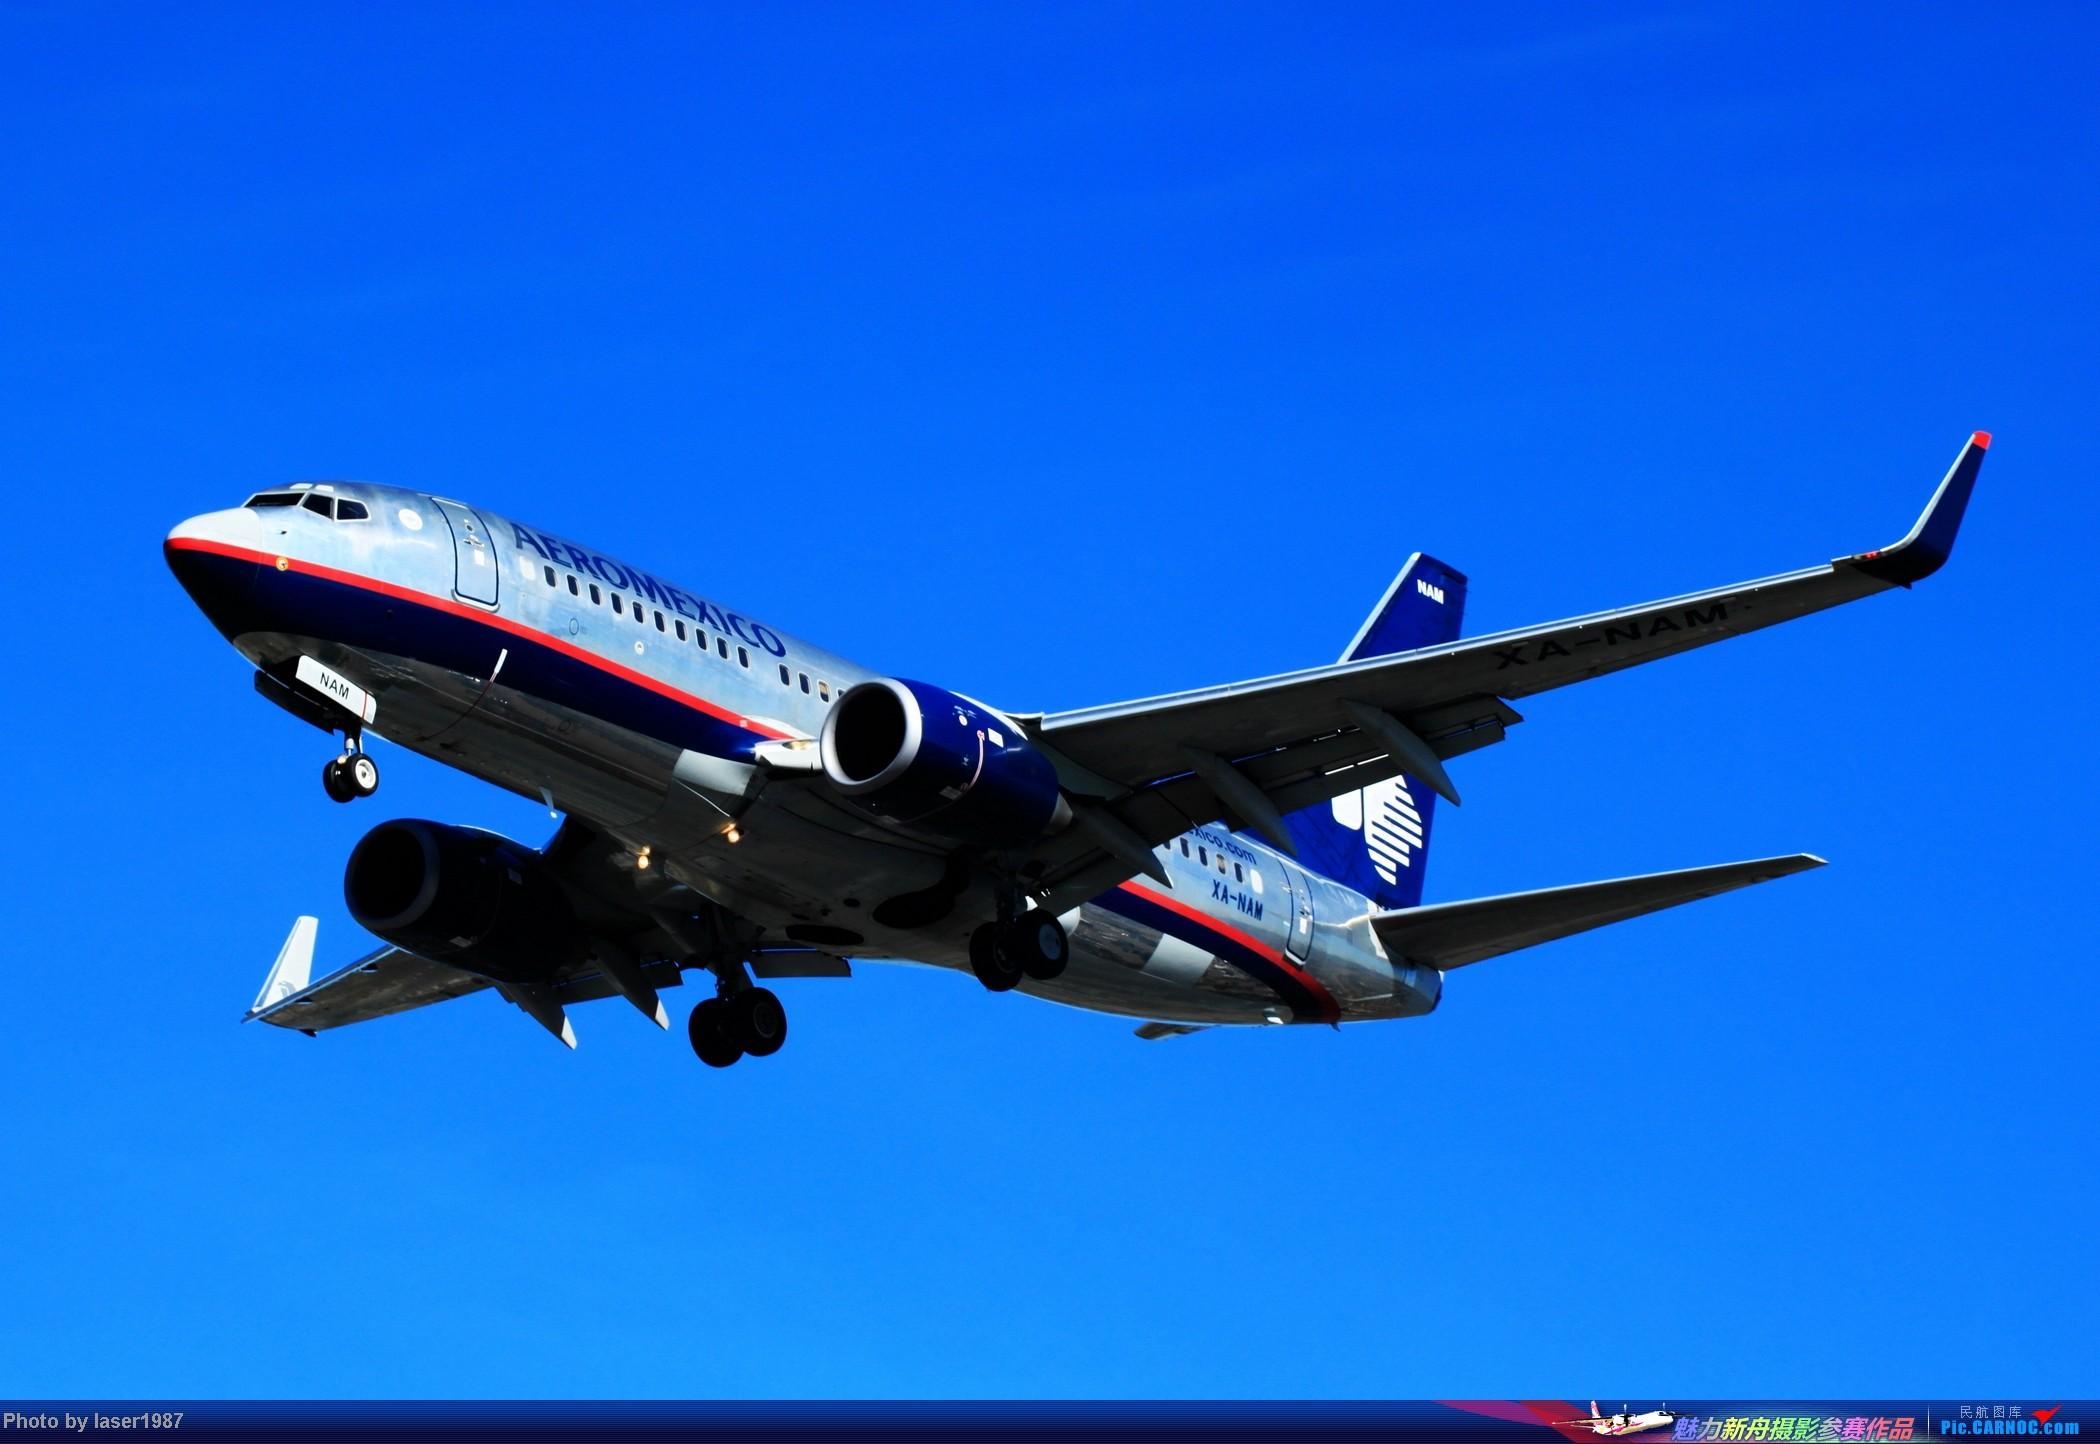 Re:[原创]2011.12.25 LAX 24R跑道东侧停车场拍飞机 BOEING 737-700 XA-NAM 美国洛杉矶国际机场